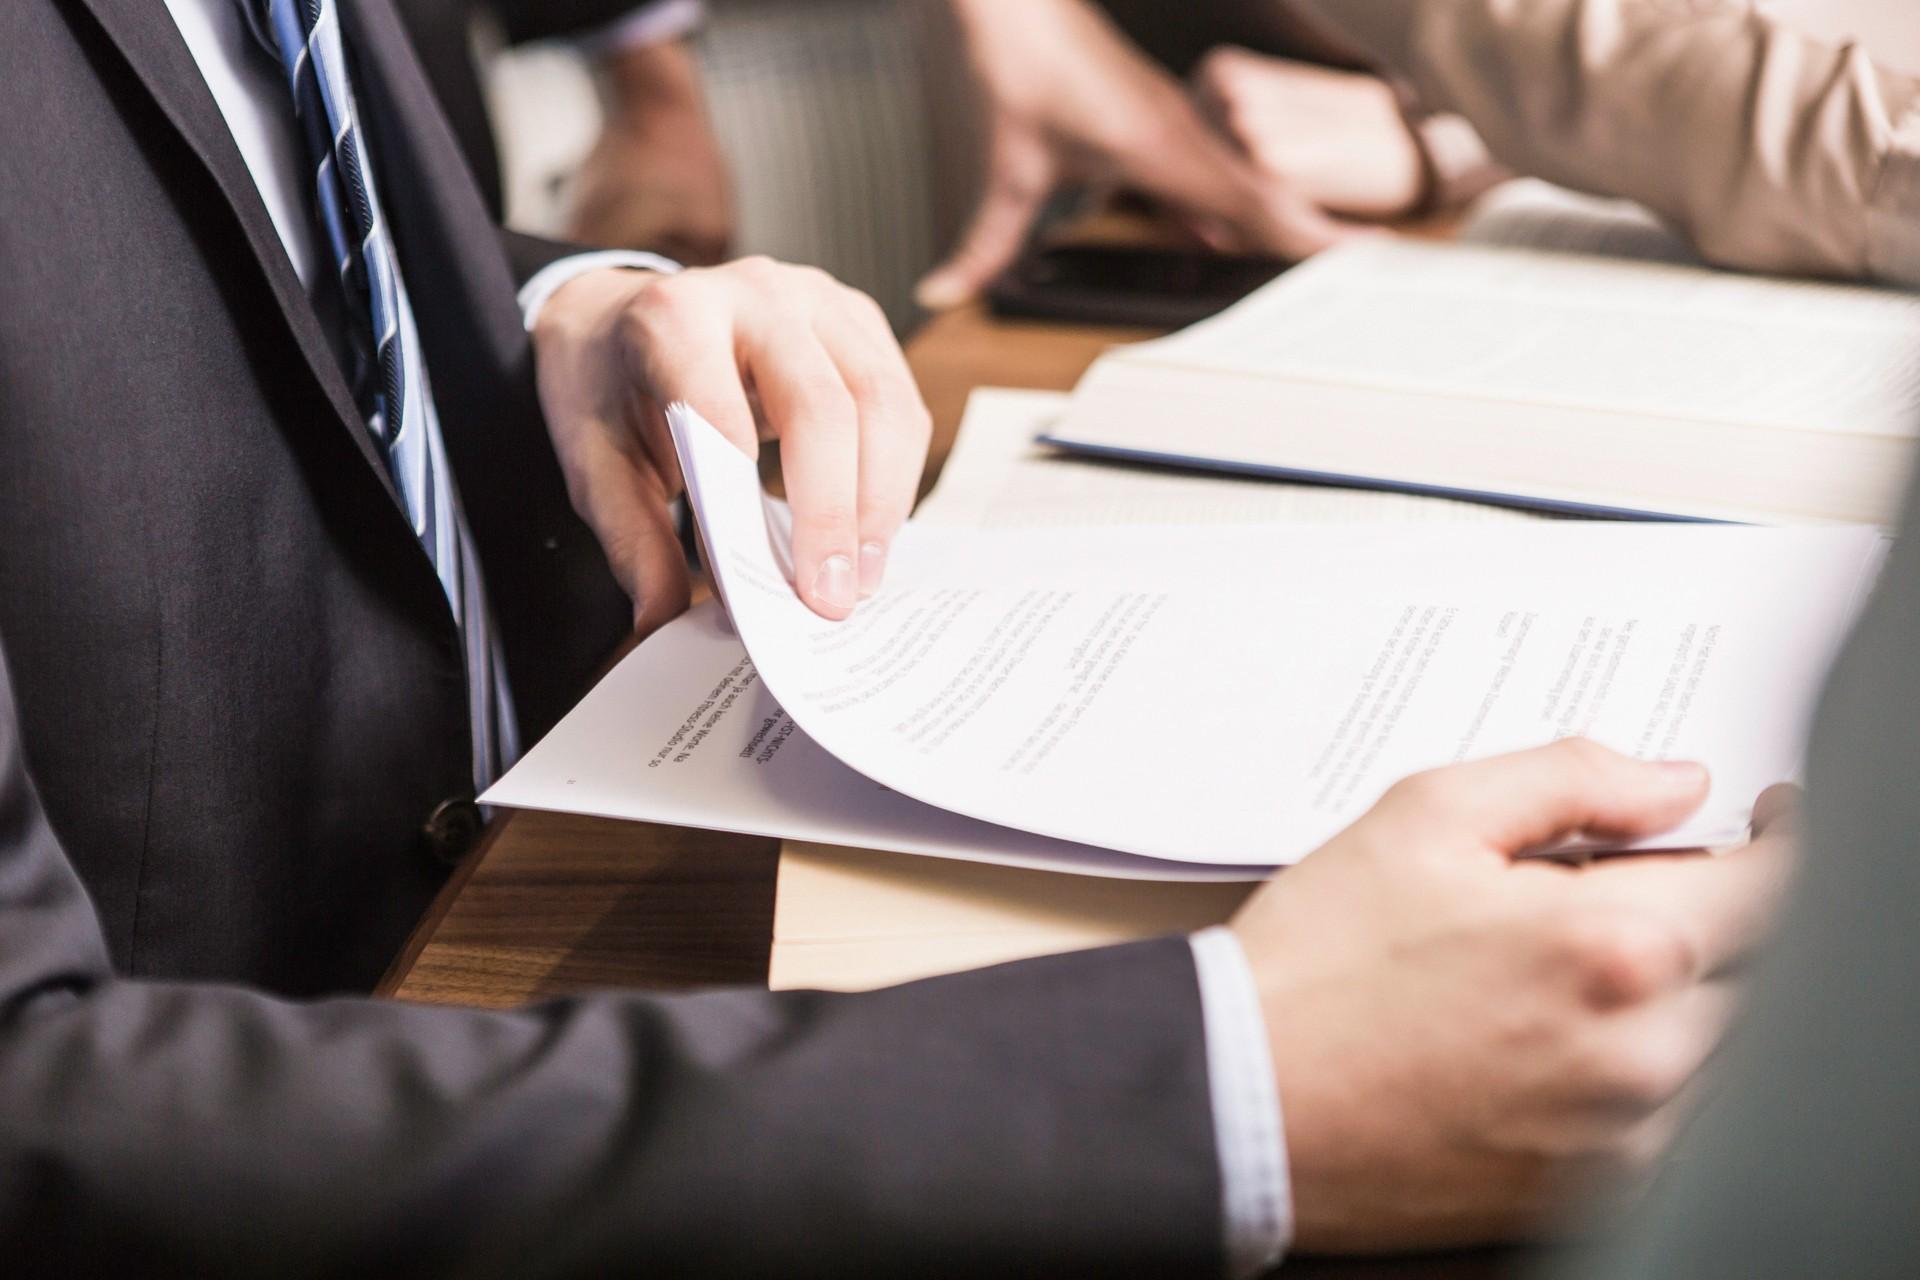 注册深圳集团公司所需资料和条件